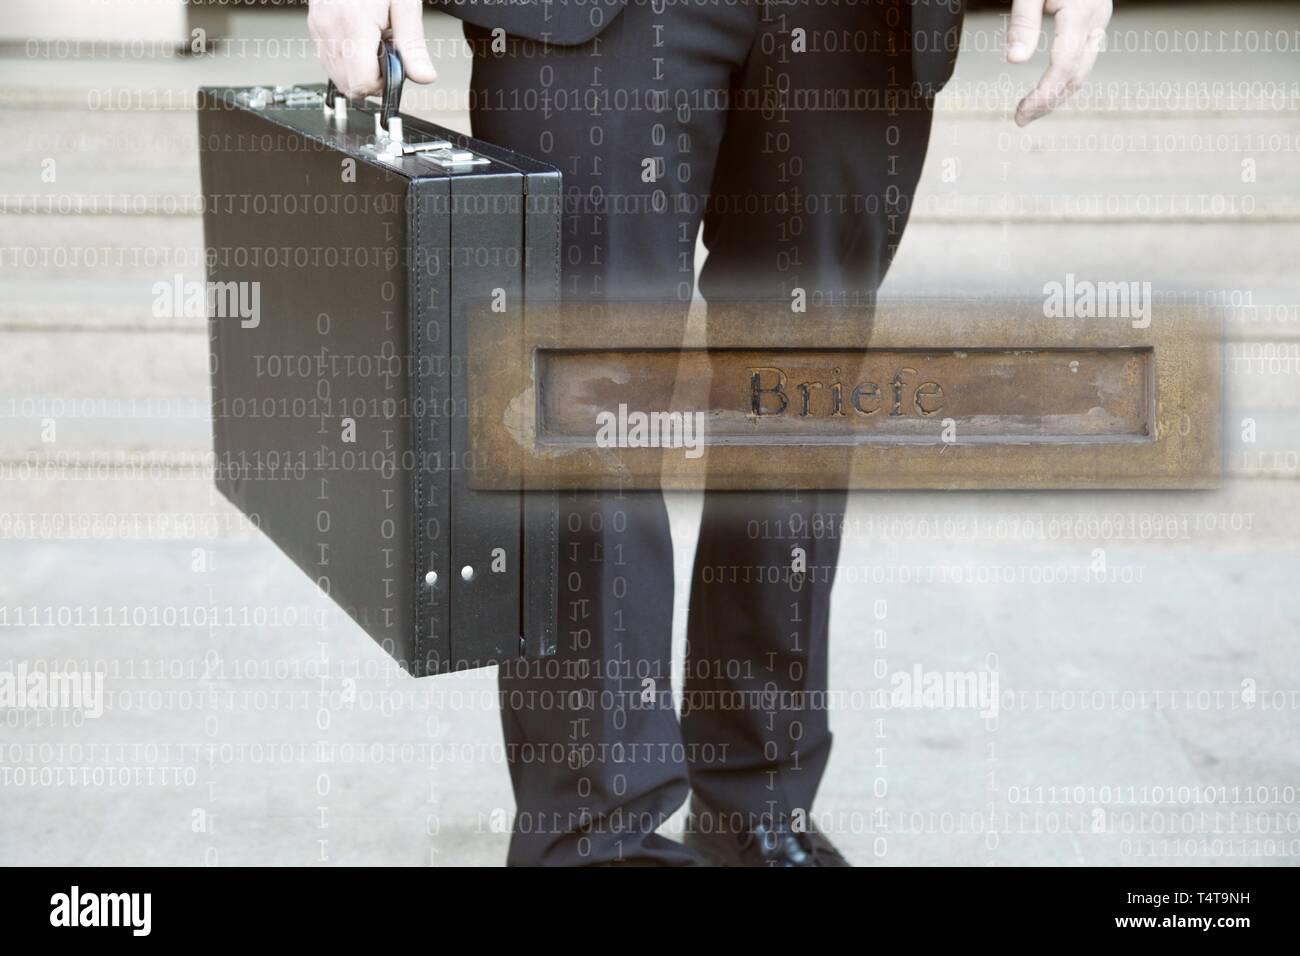 Symbol photo, letterbox company, base company, nominee company, paper company - Stock Image